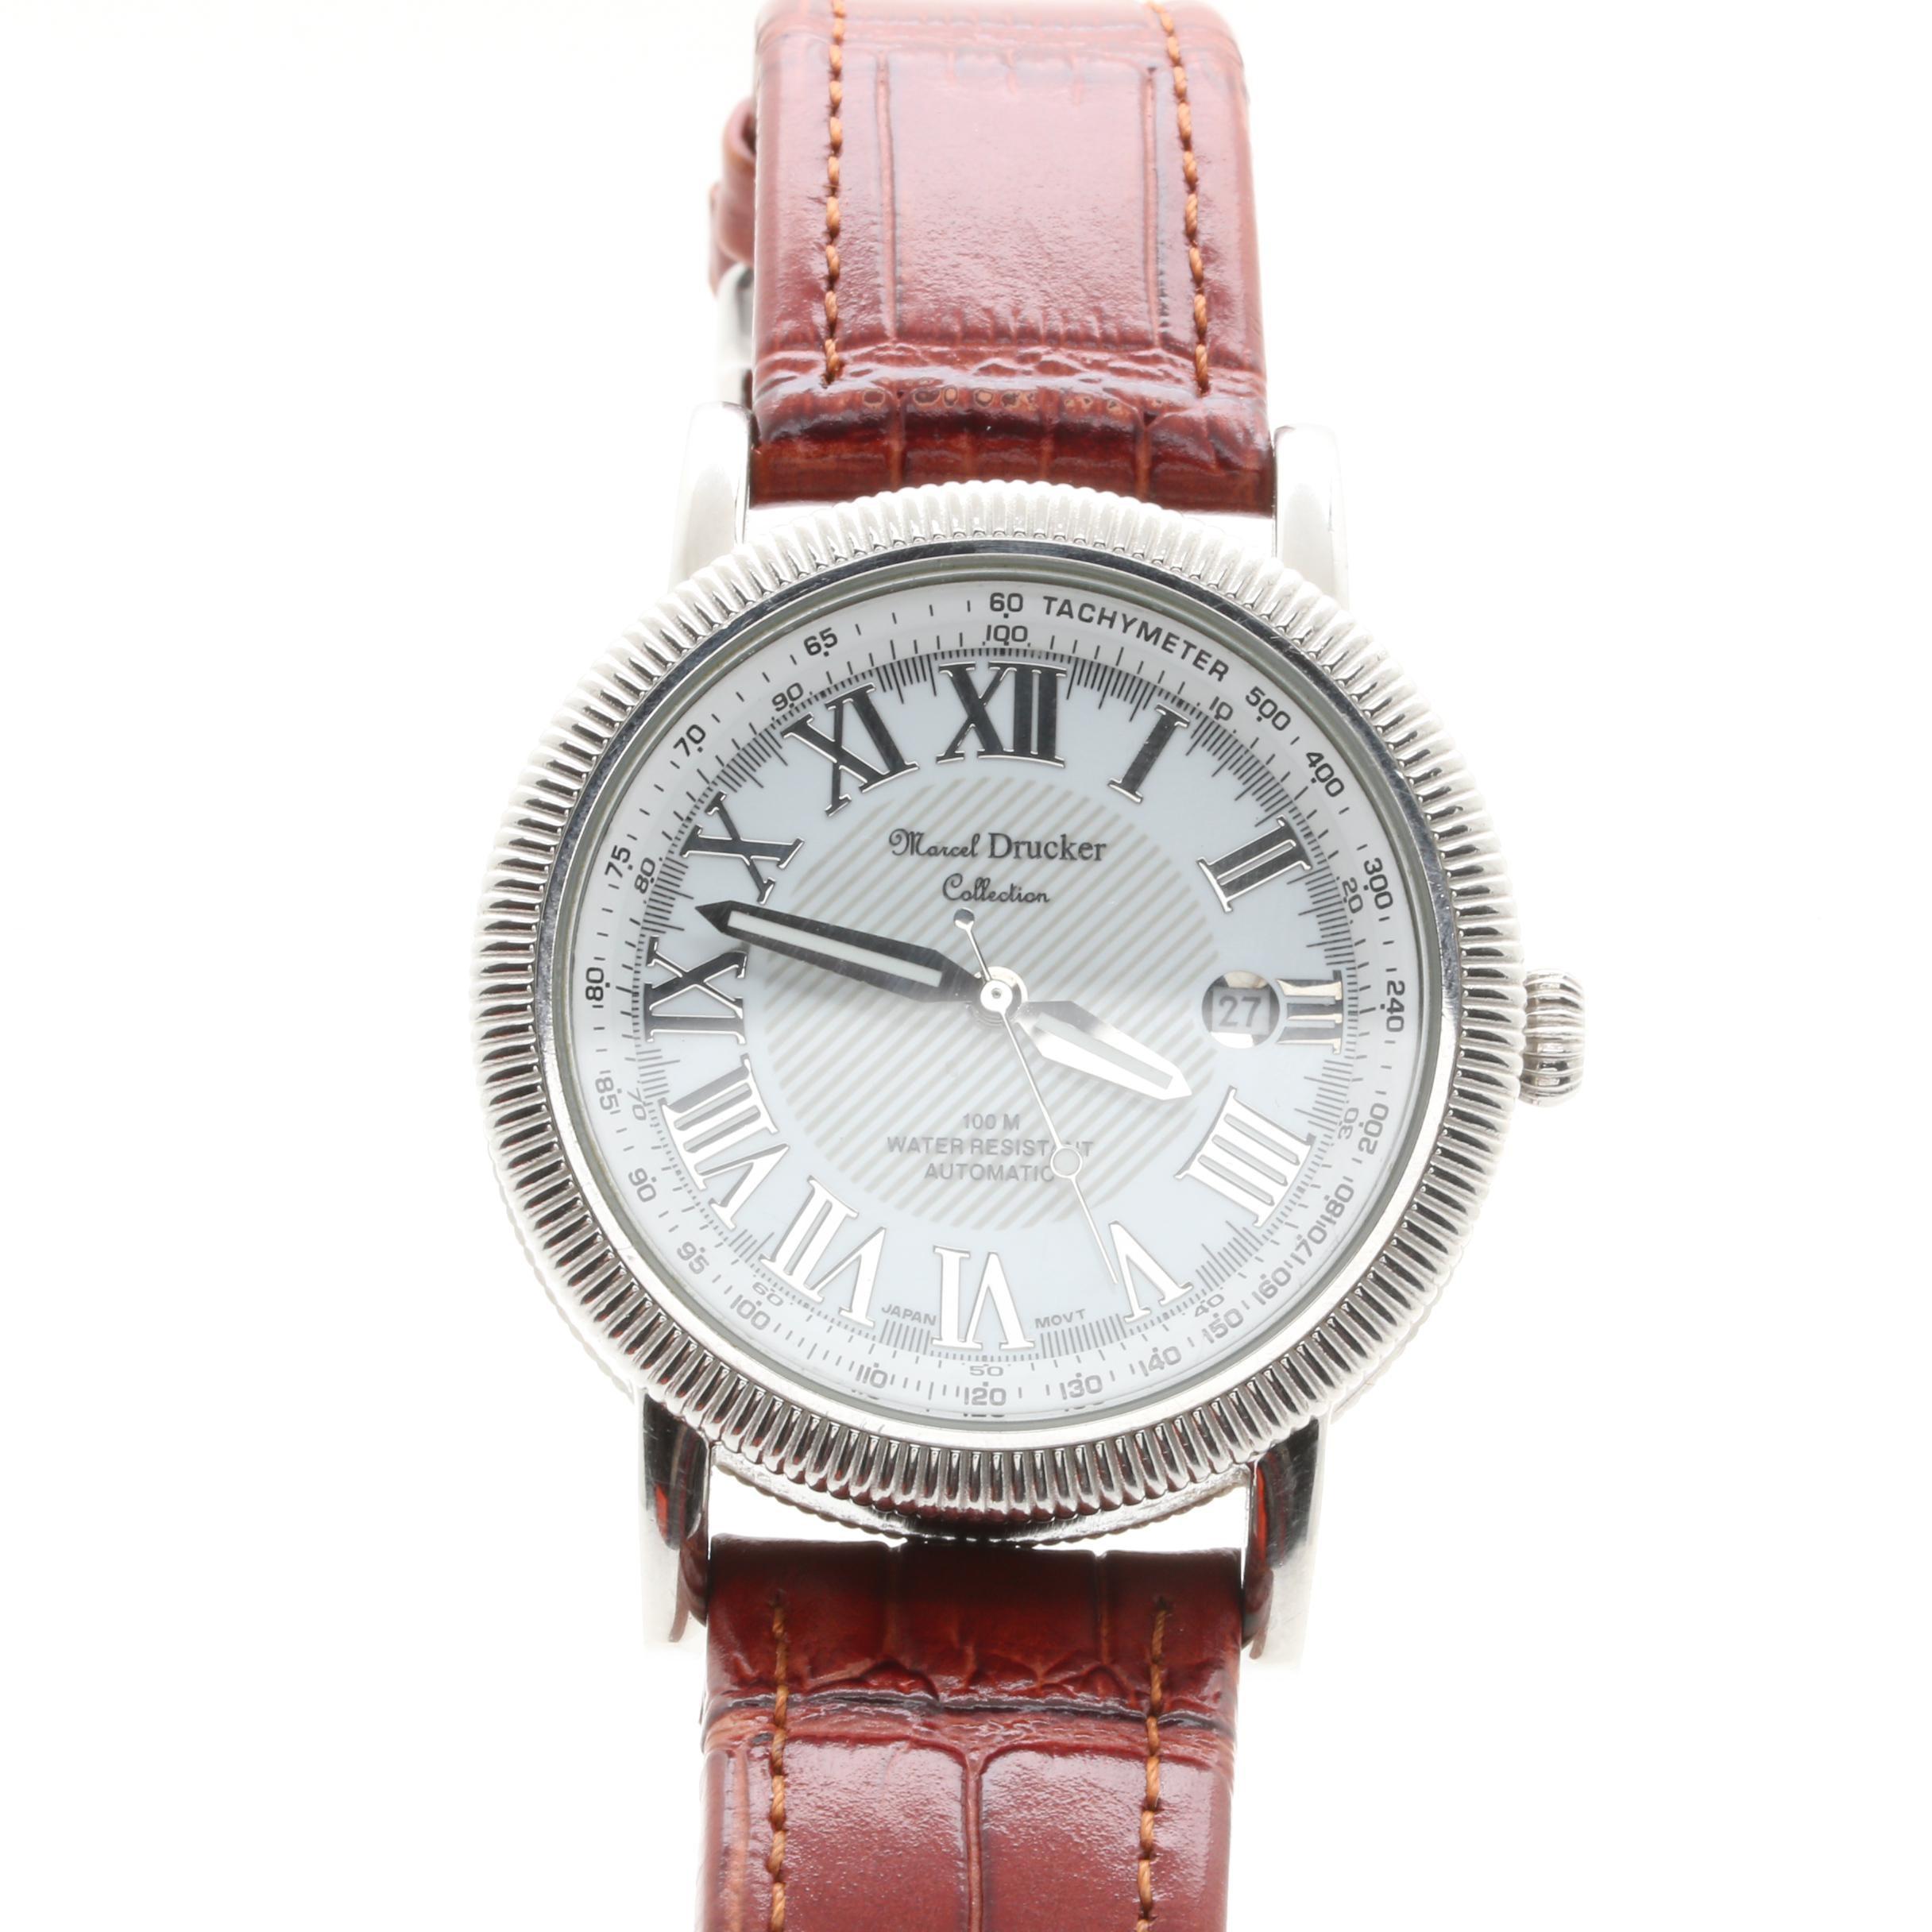 Marcel Drucker Stainless Steel Wristwatch